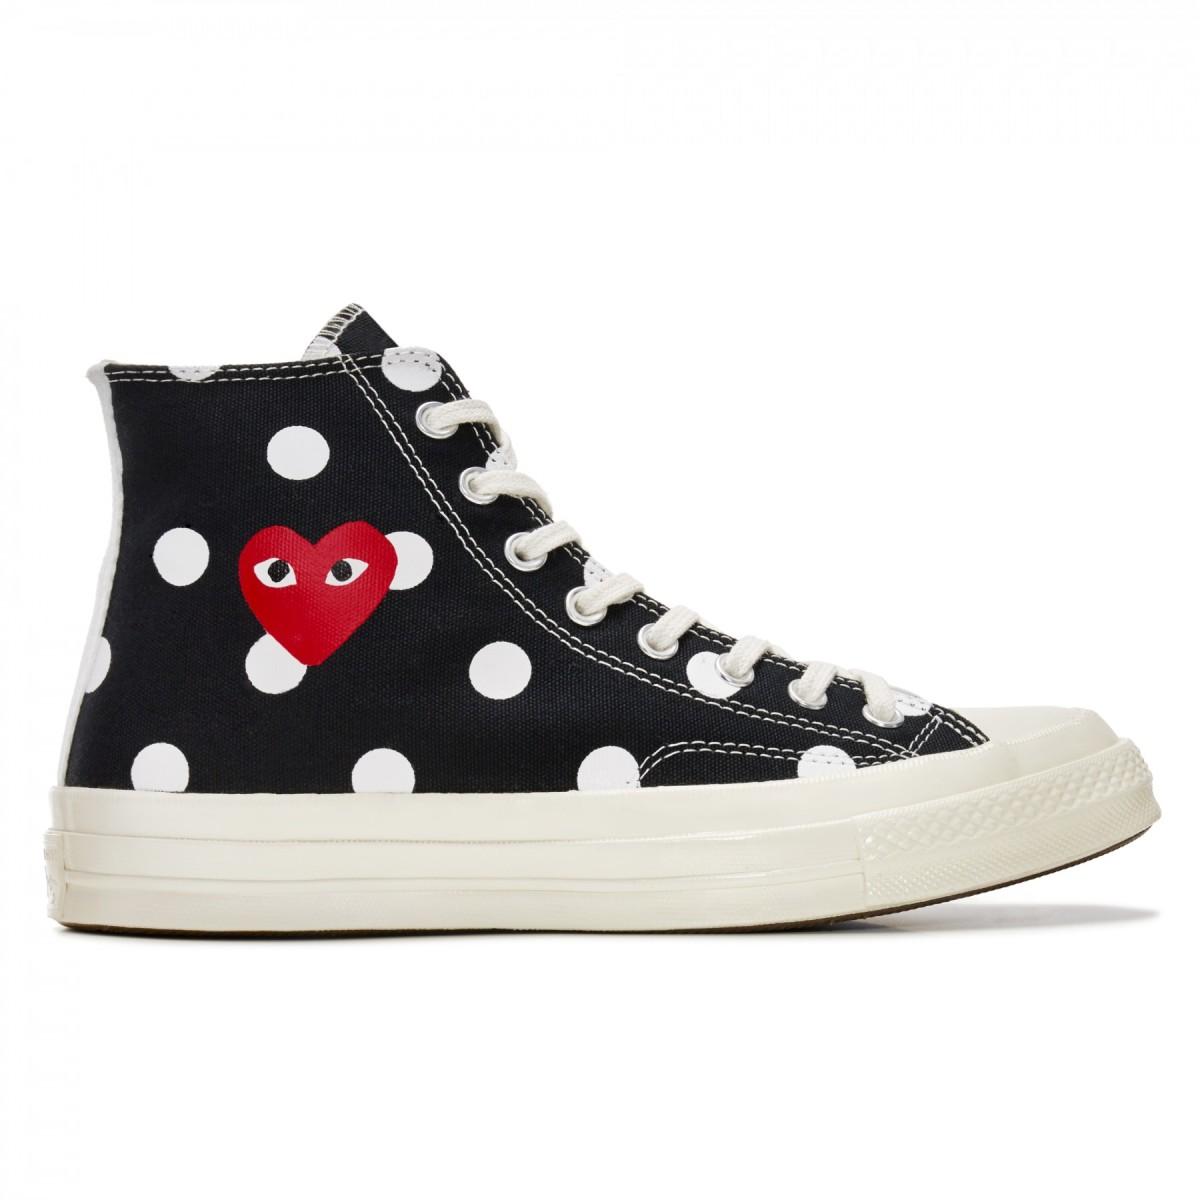 converse play schoenen